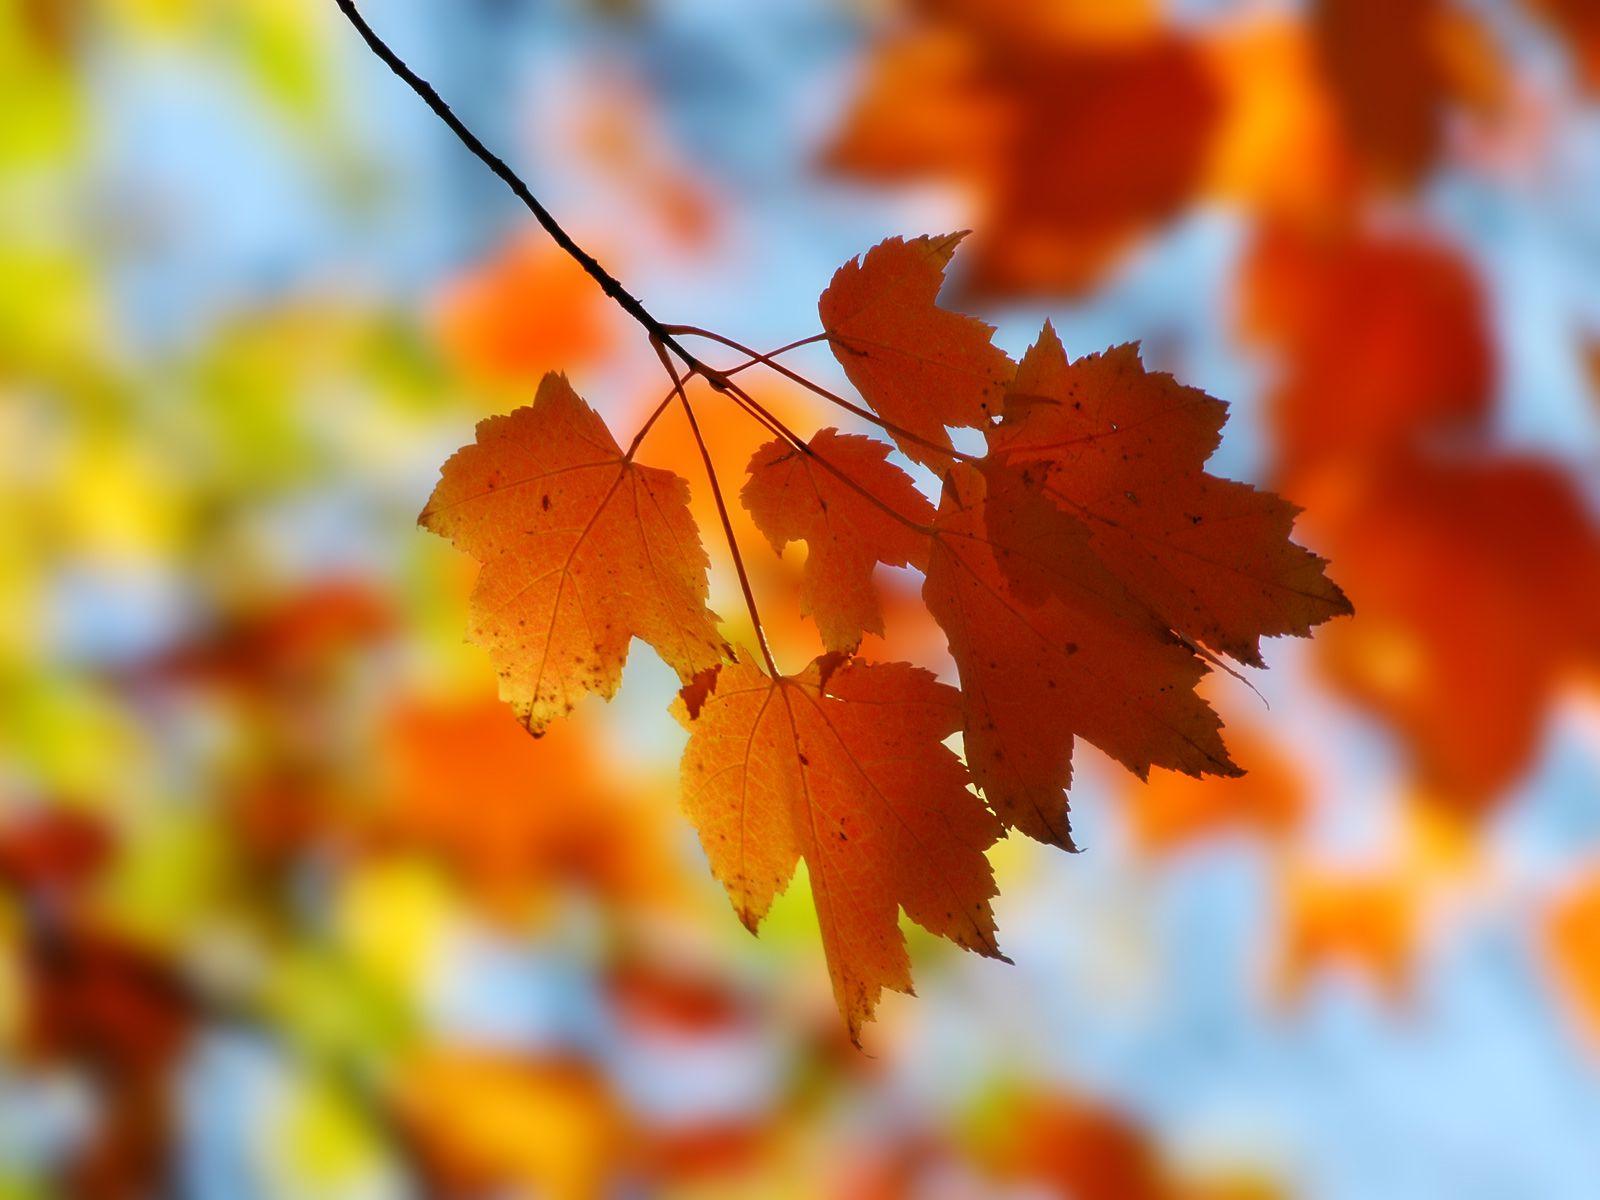 Free autumn wallpaper featuring closeup of reddish-orange maple leaves